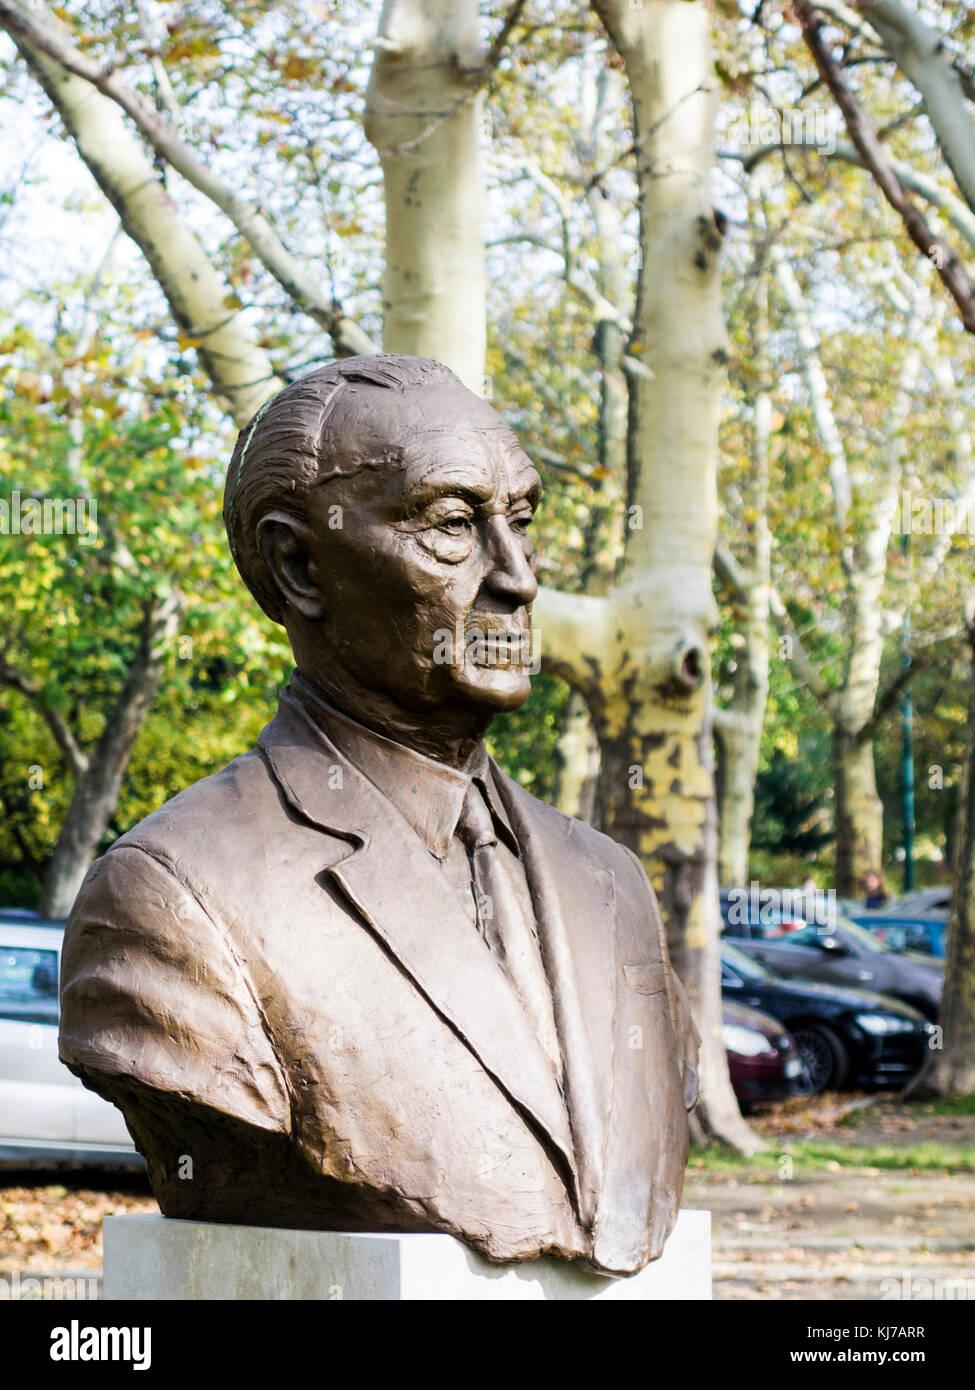 Adenauer Statue, City Park, Budapest - Stock Image